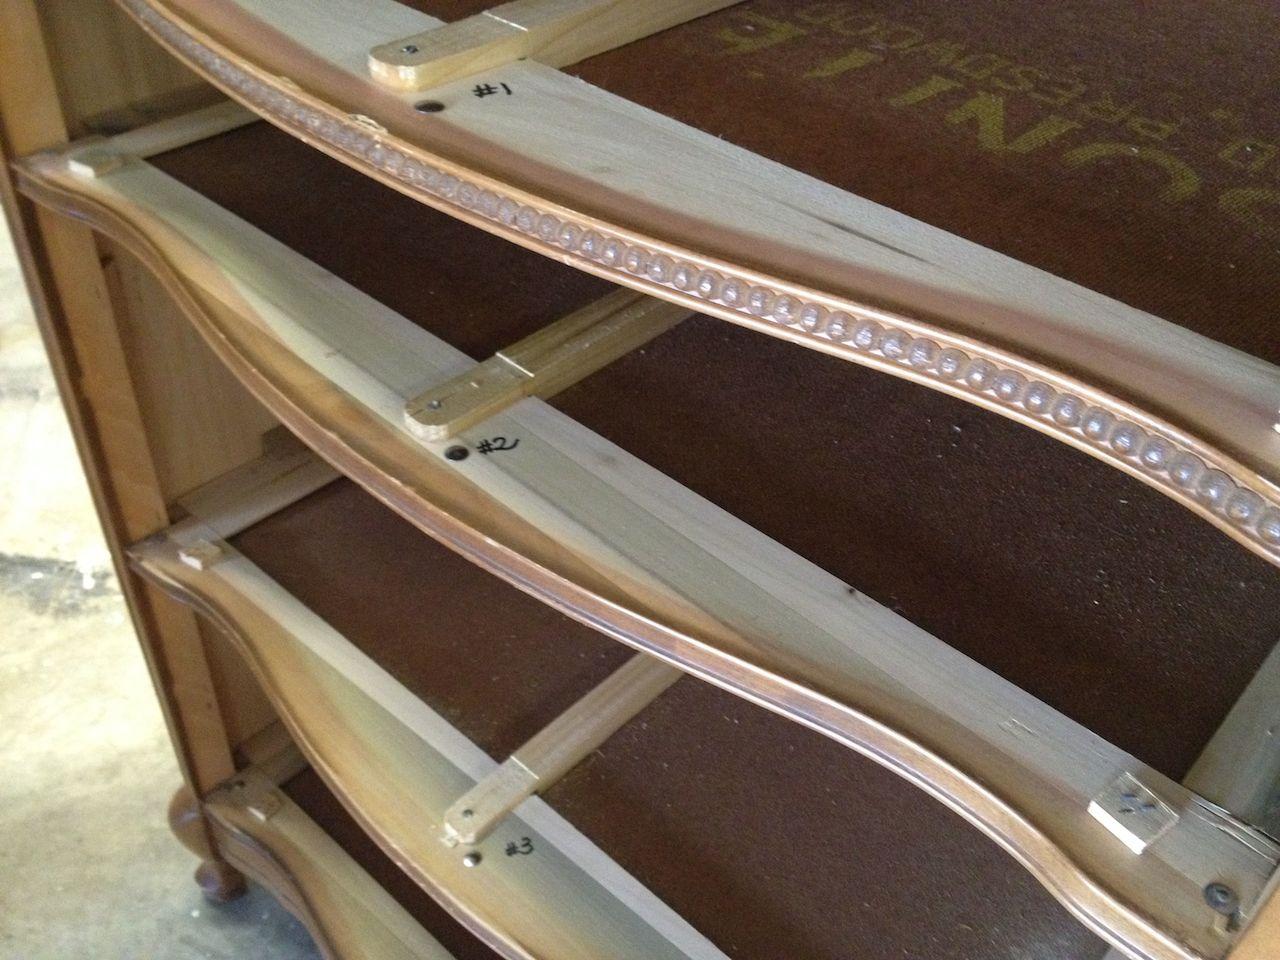 Comment sabler un meuble latest quelques abrasifs utiles - Peinture pour meuble bois sans poncer ...